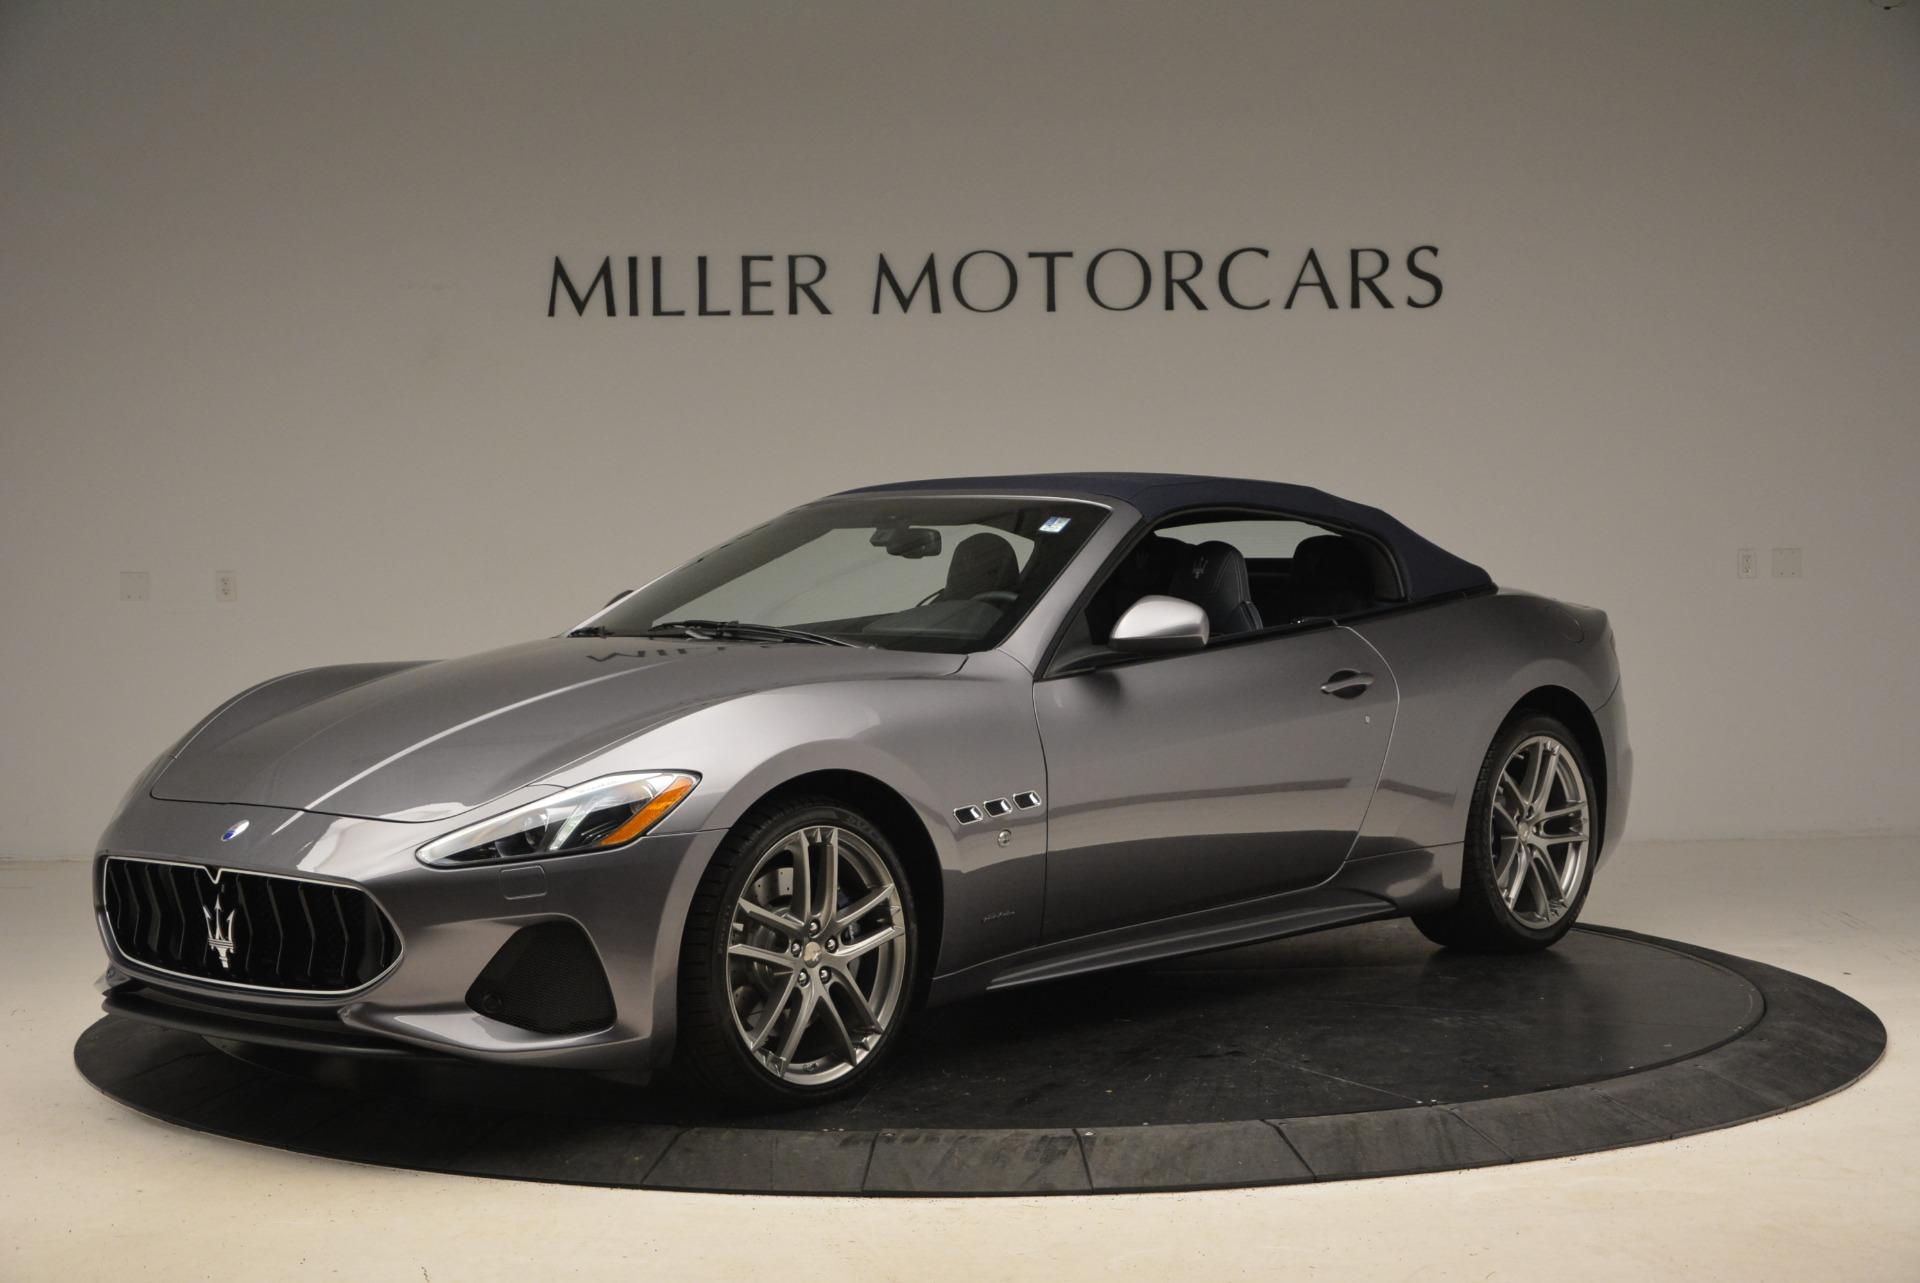 New 2018 Maserati GranTurismo Sport Convertible For Sale In Greenwich, CT 2140_p2